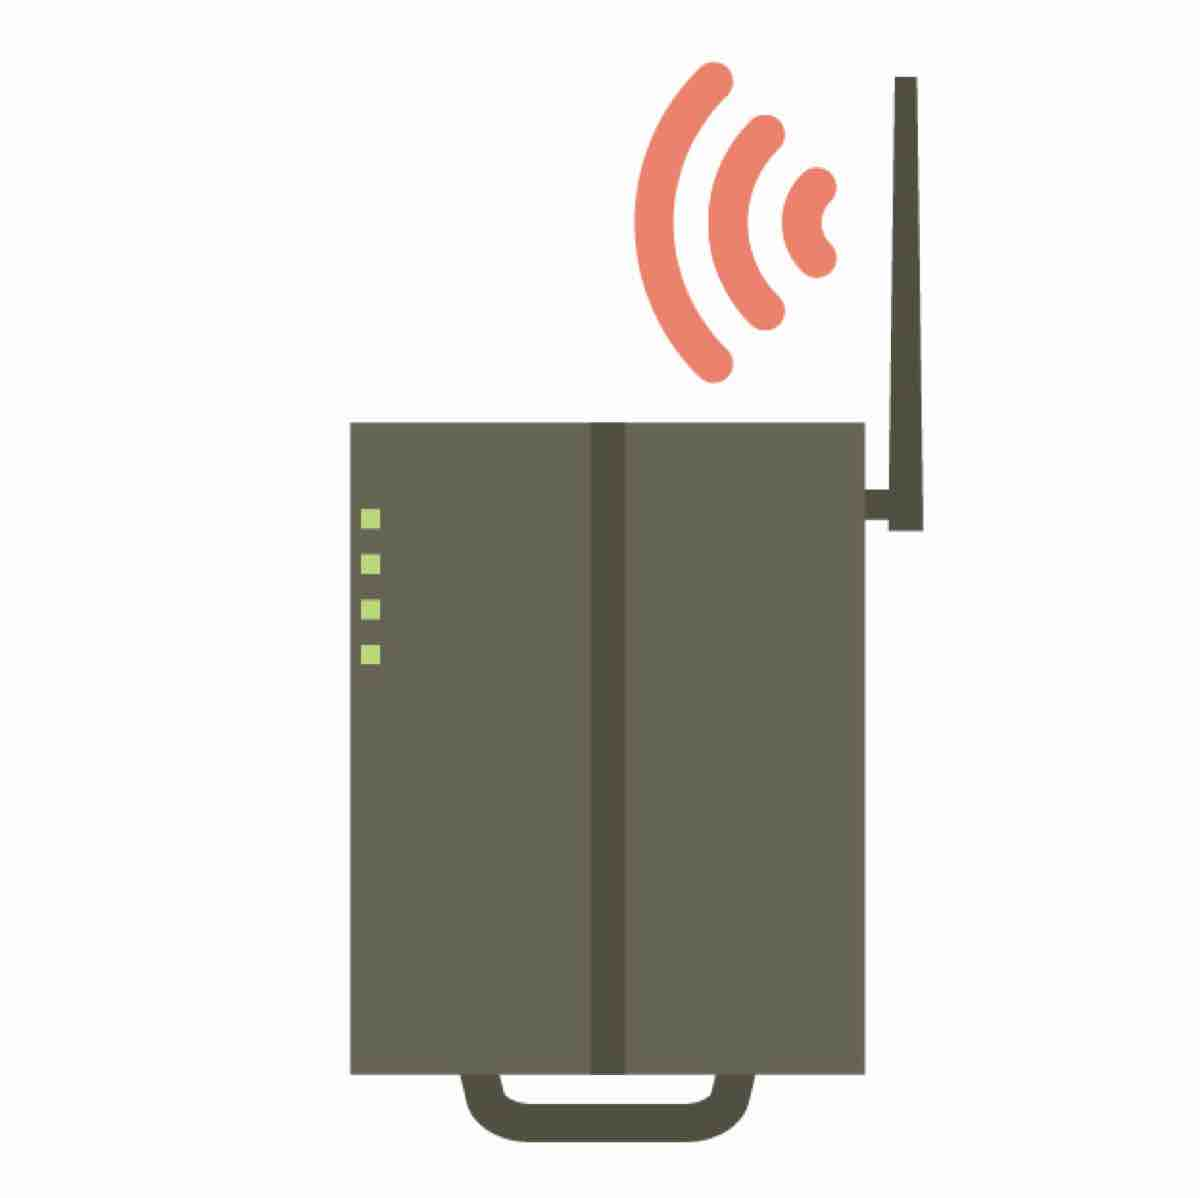 オンライン授業,Wi-Fi,光回線